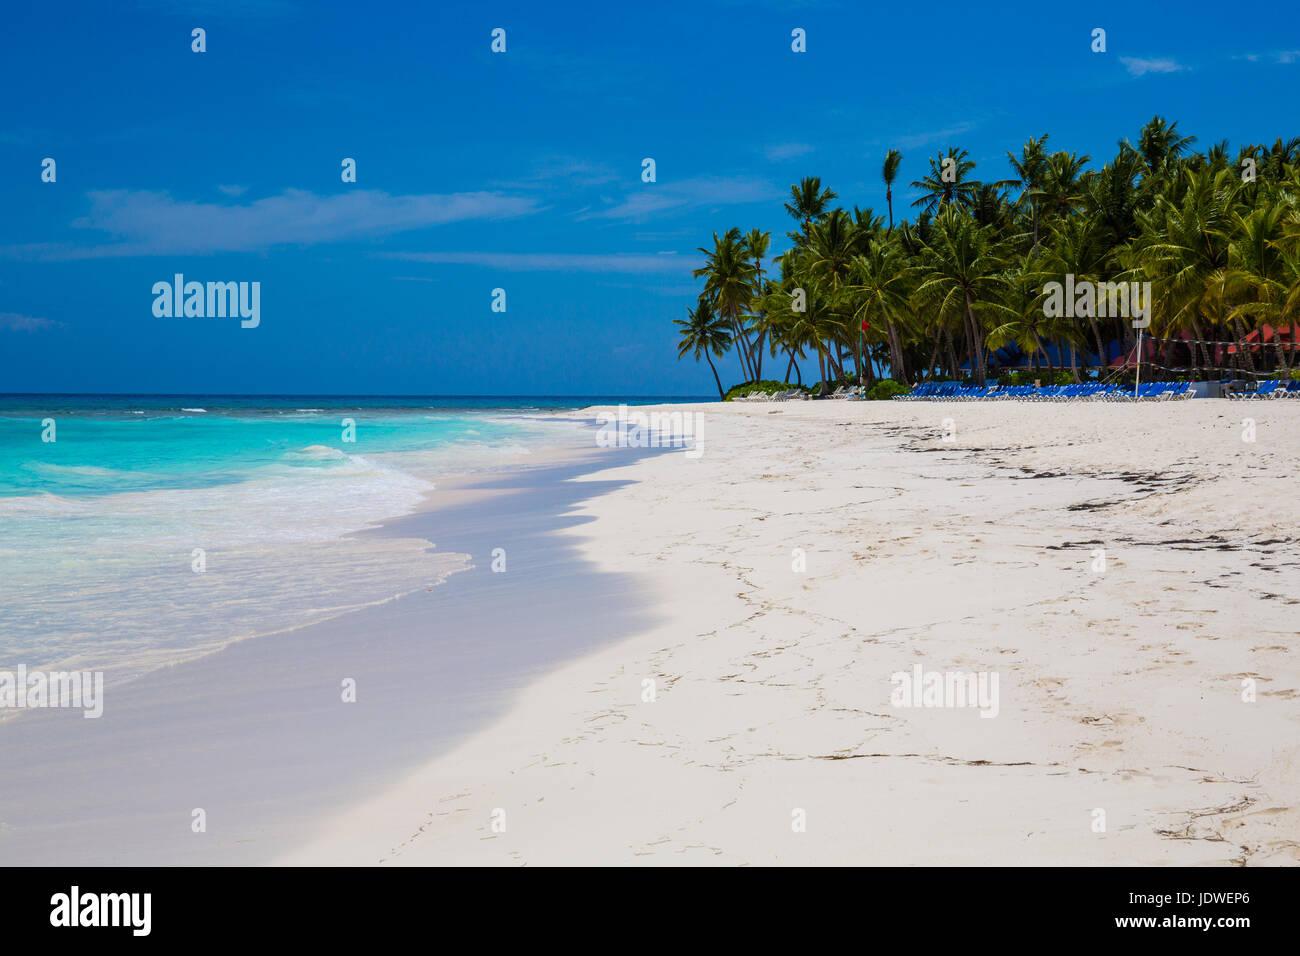 Karibik und eine Insel mit Palmen und weißem sand Stockbild